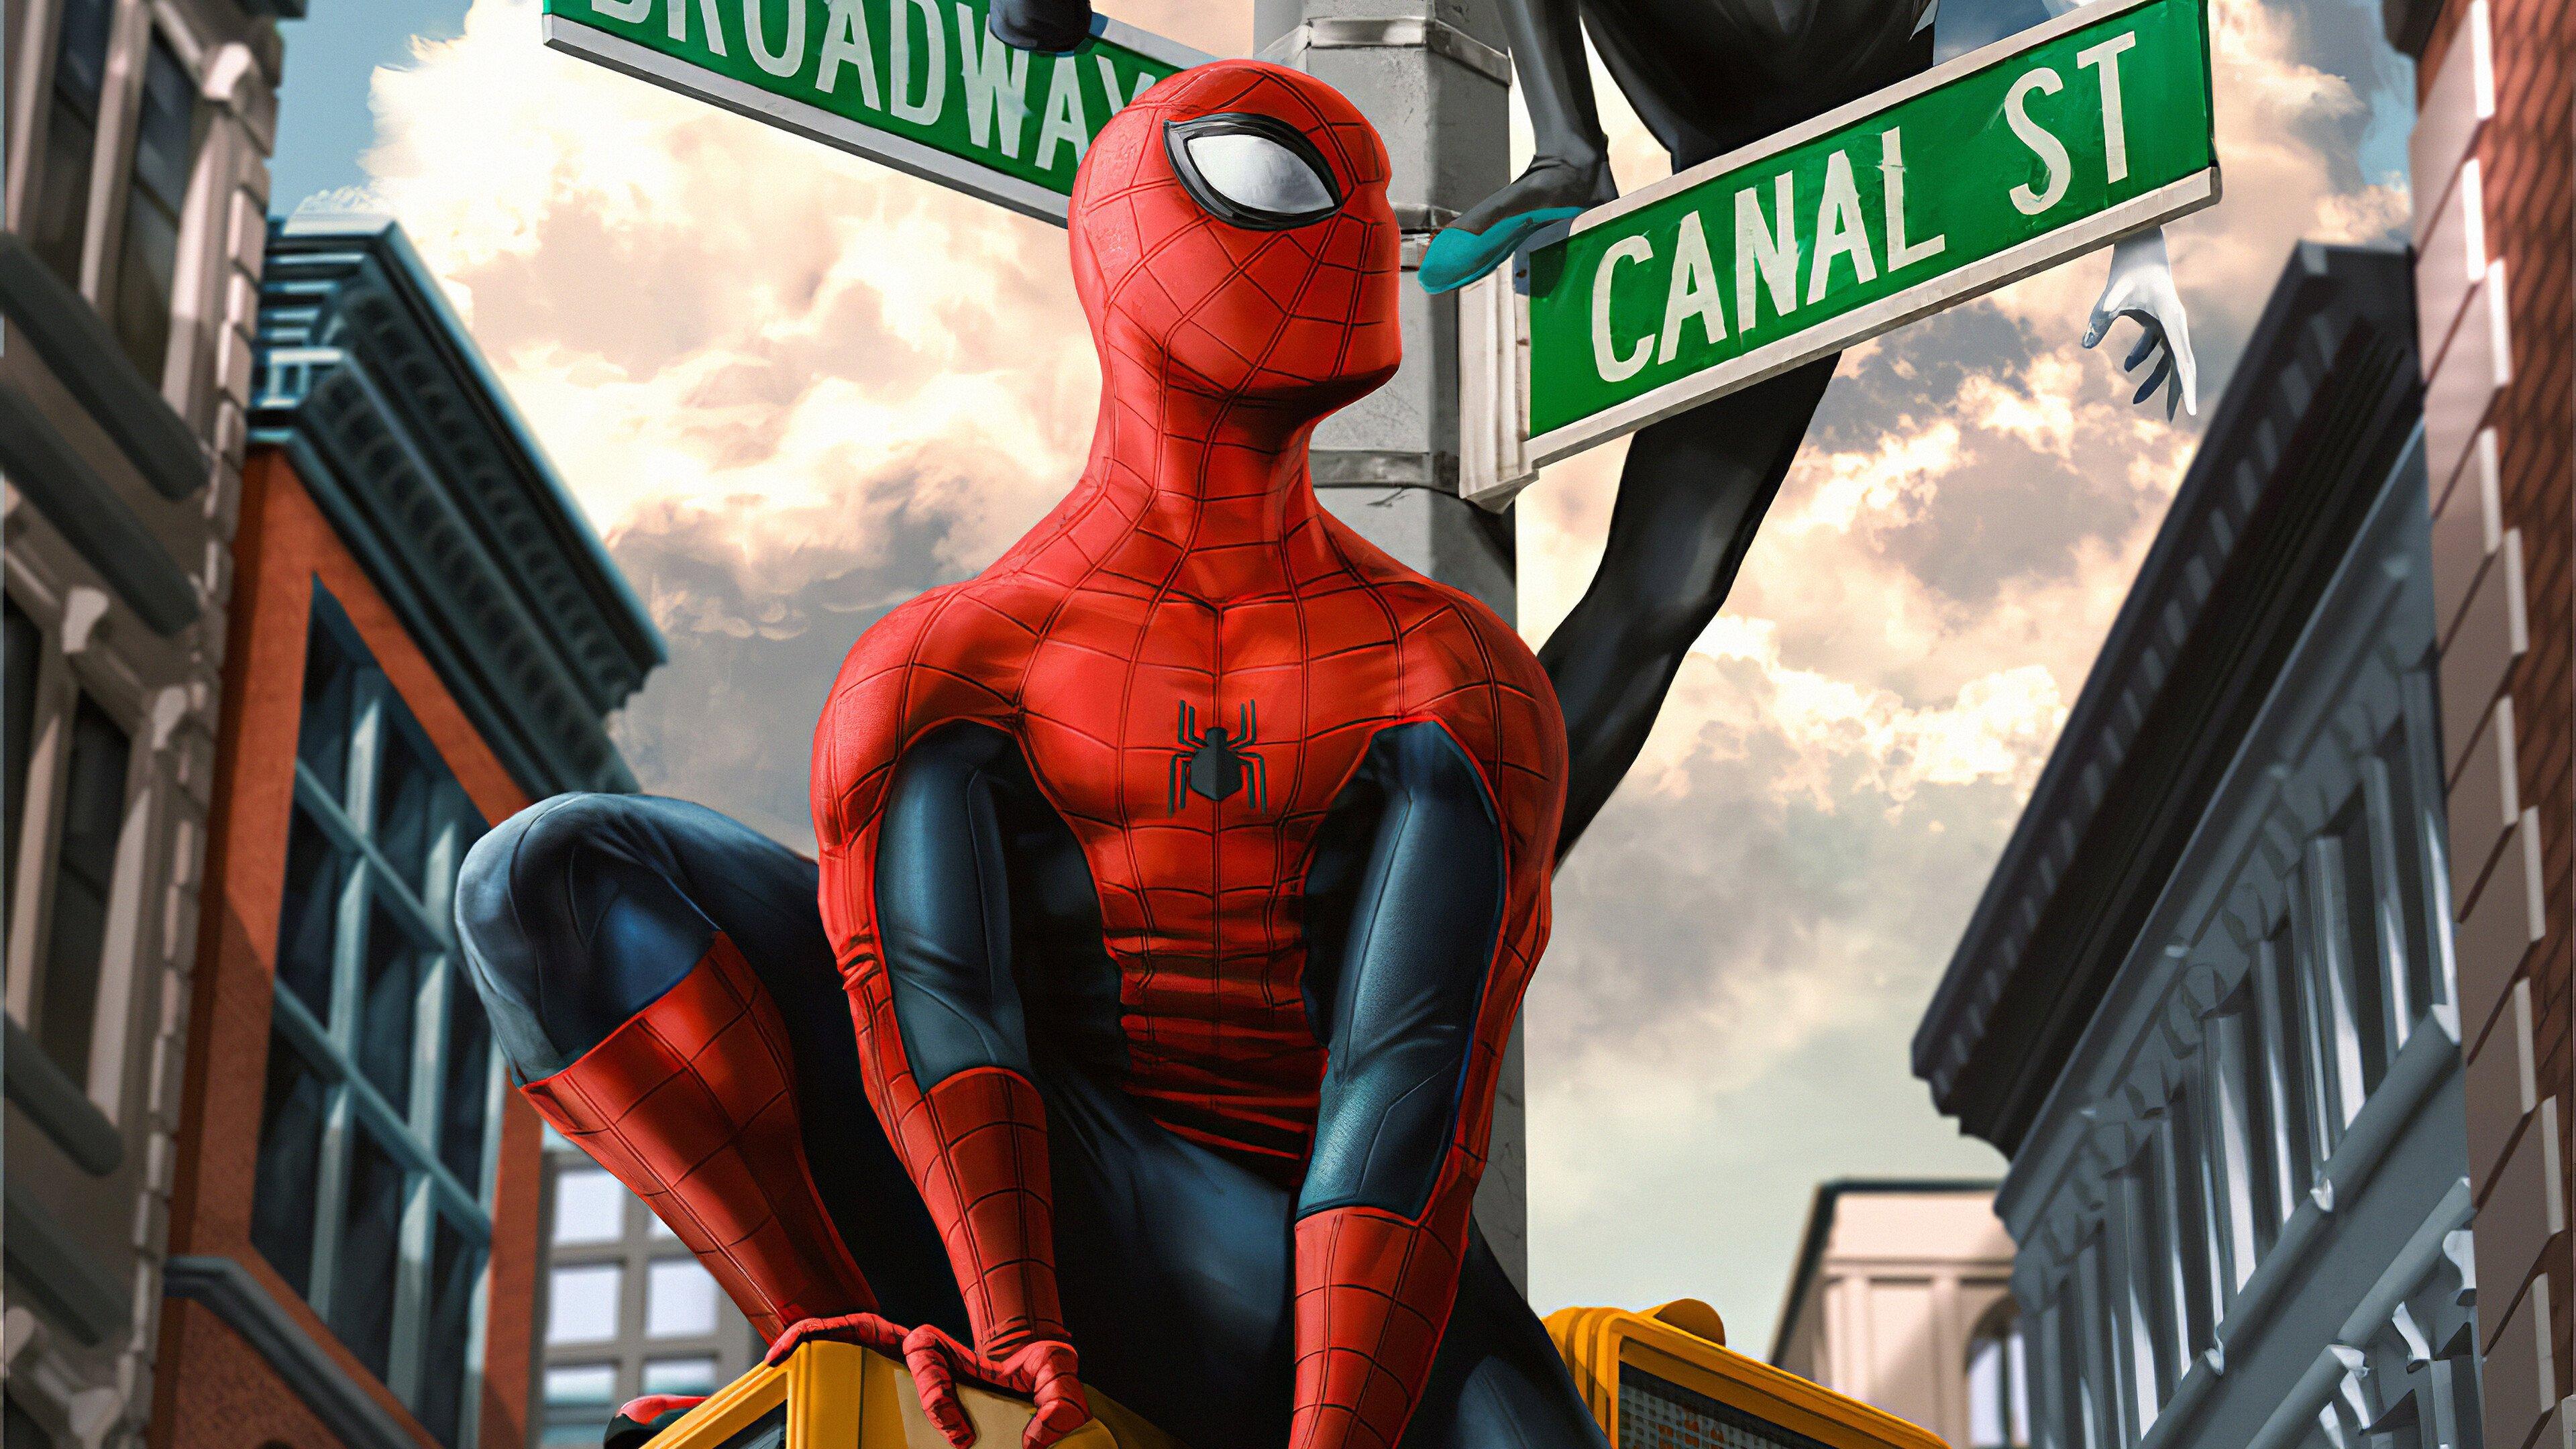 Fondos de pantalla Spiderman en Nueva York